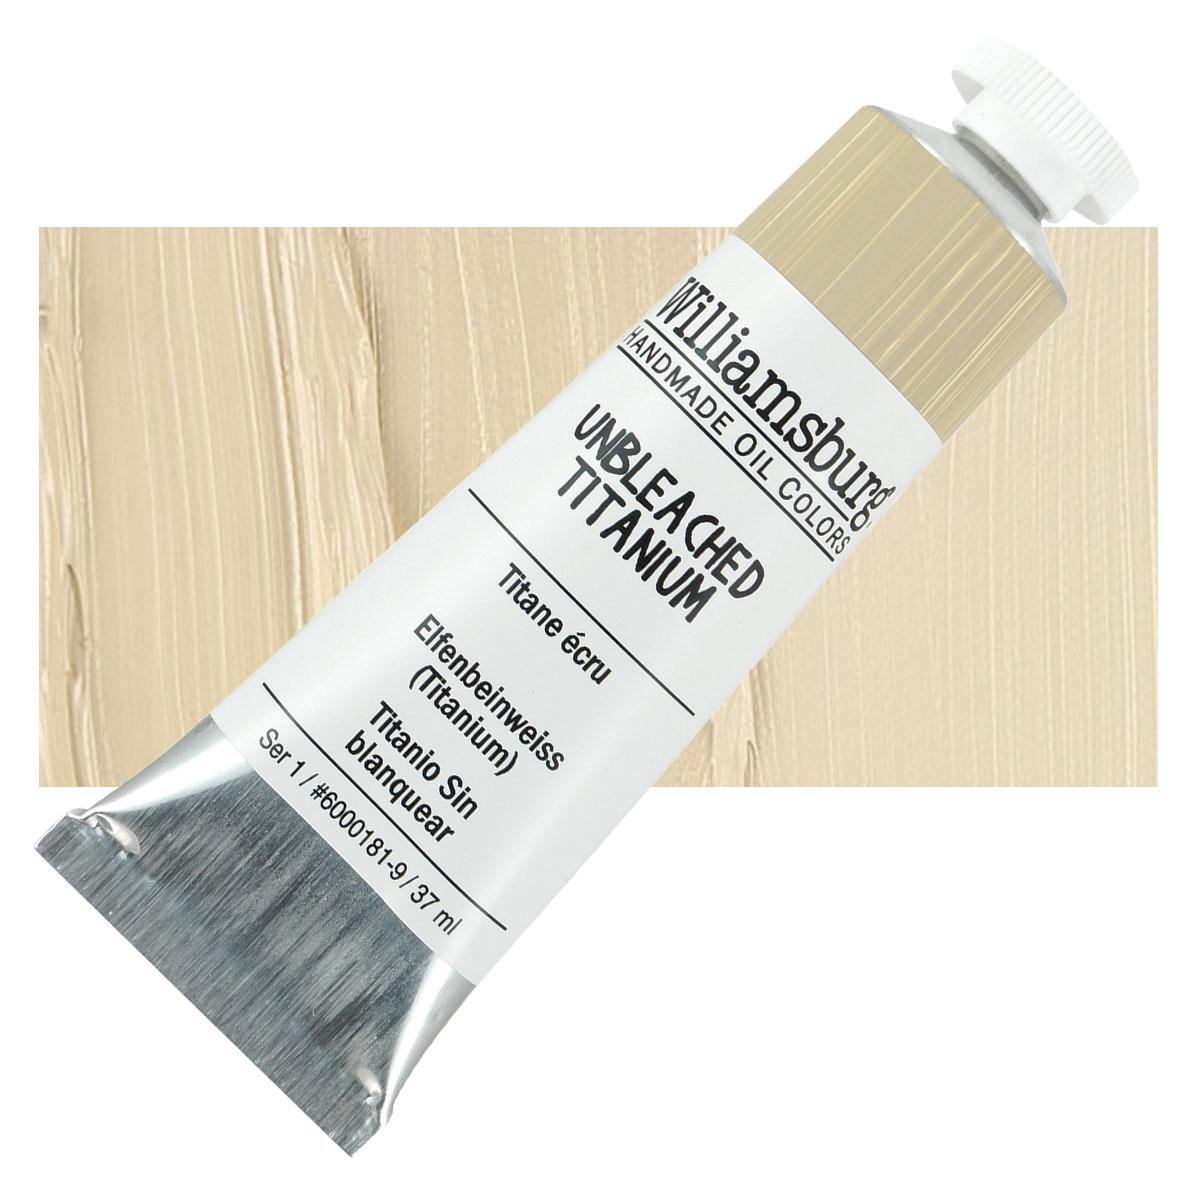 Unbleached Titanium White Paint